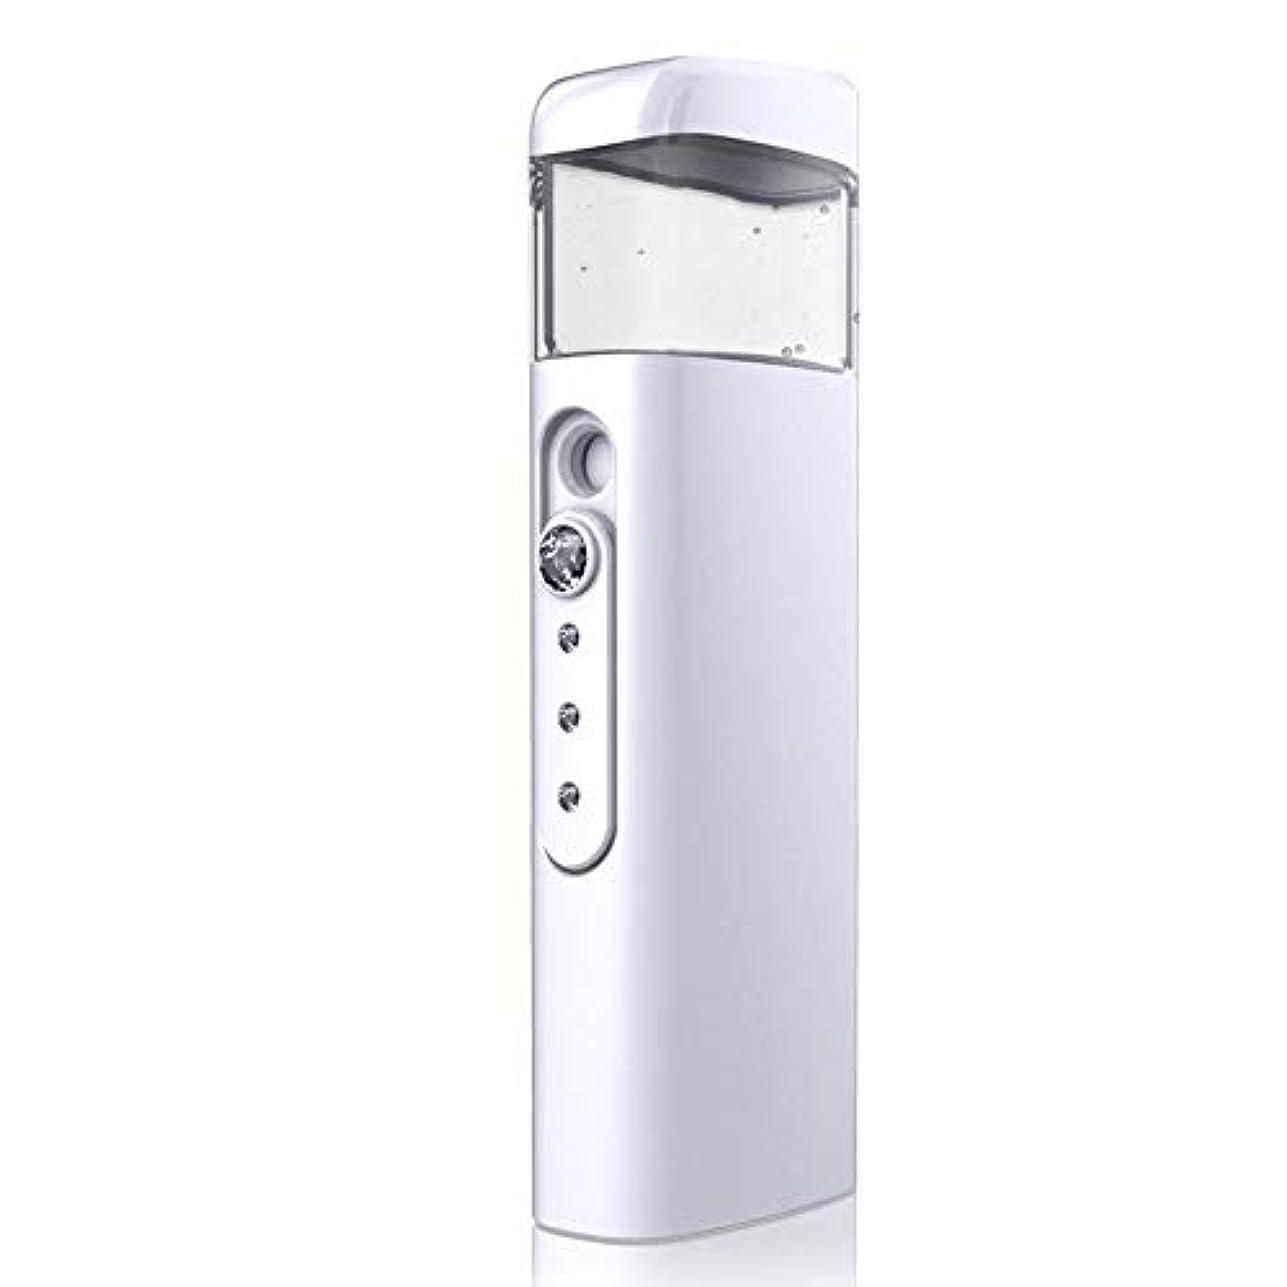 サミュエルコーラスロンドン30ml視覚水Makeが付いている携帯用顔の保湿のスプレーヤー、スキンケア、構造、まつげ延長、旅行のための保湿及び水和 (Color : White)